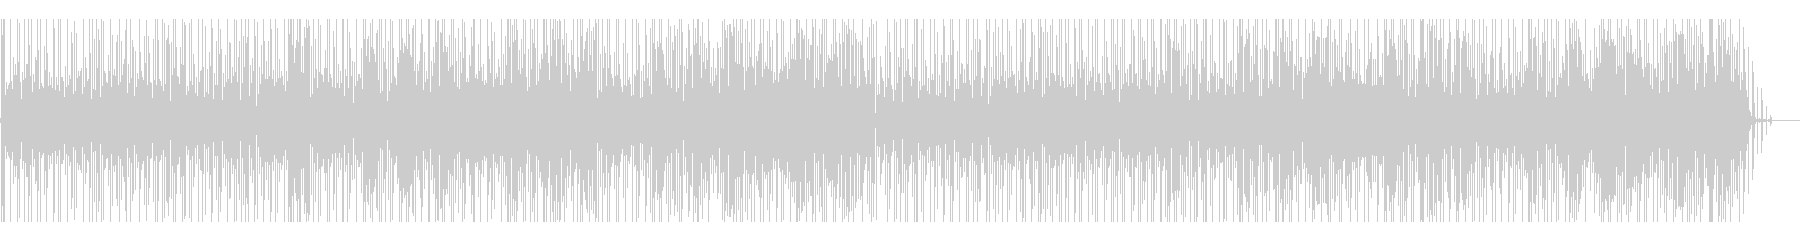 チープ、シンセ、テクスチャーの未再生の波形